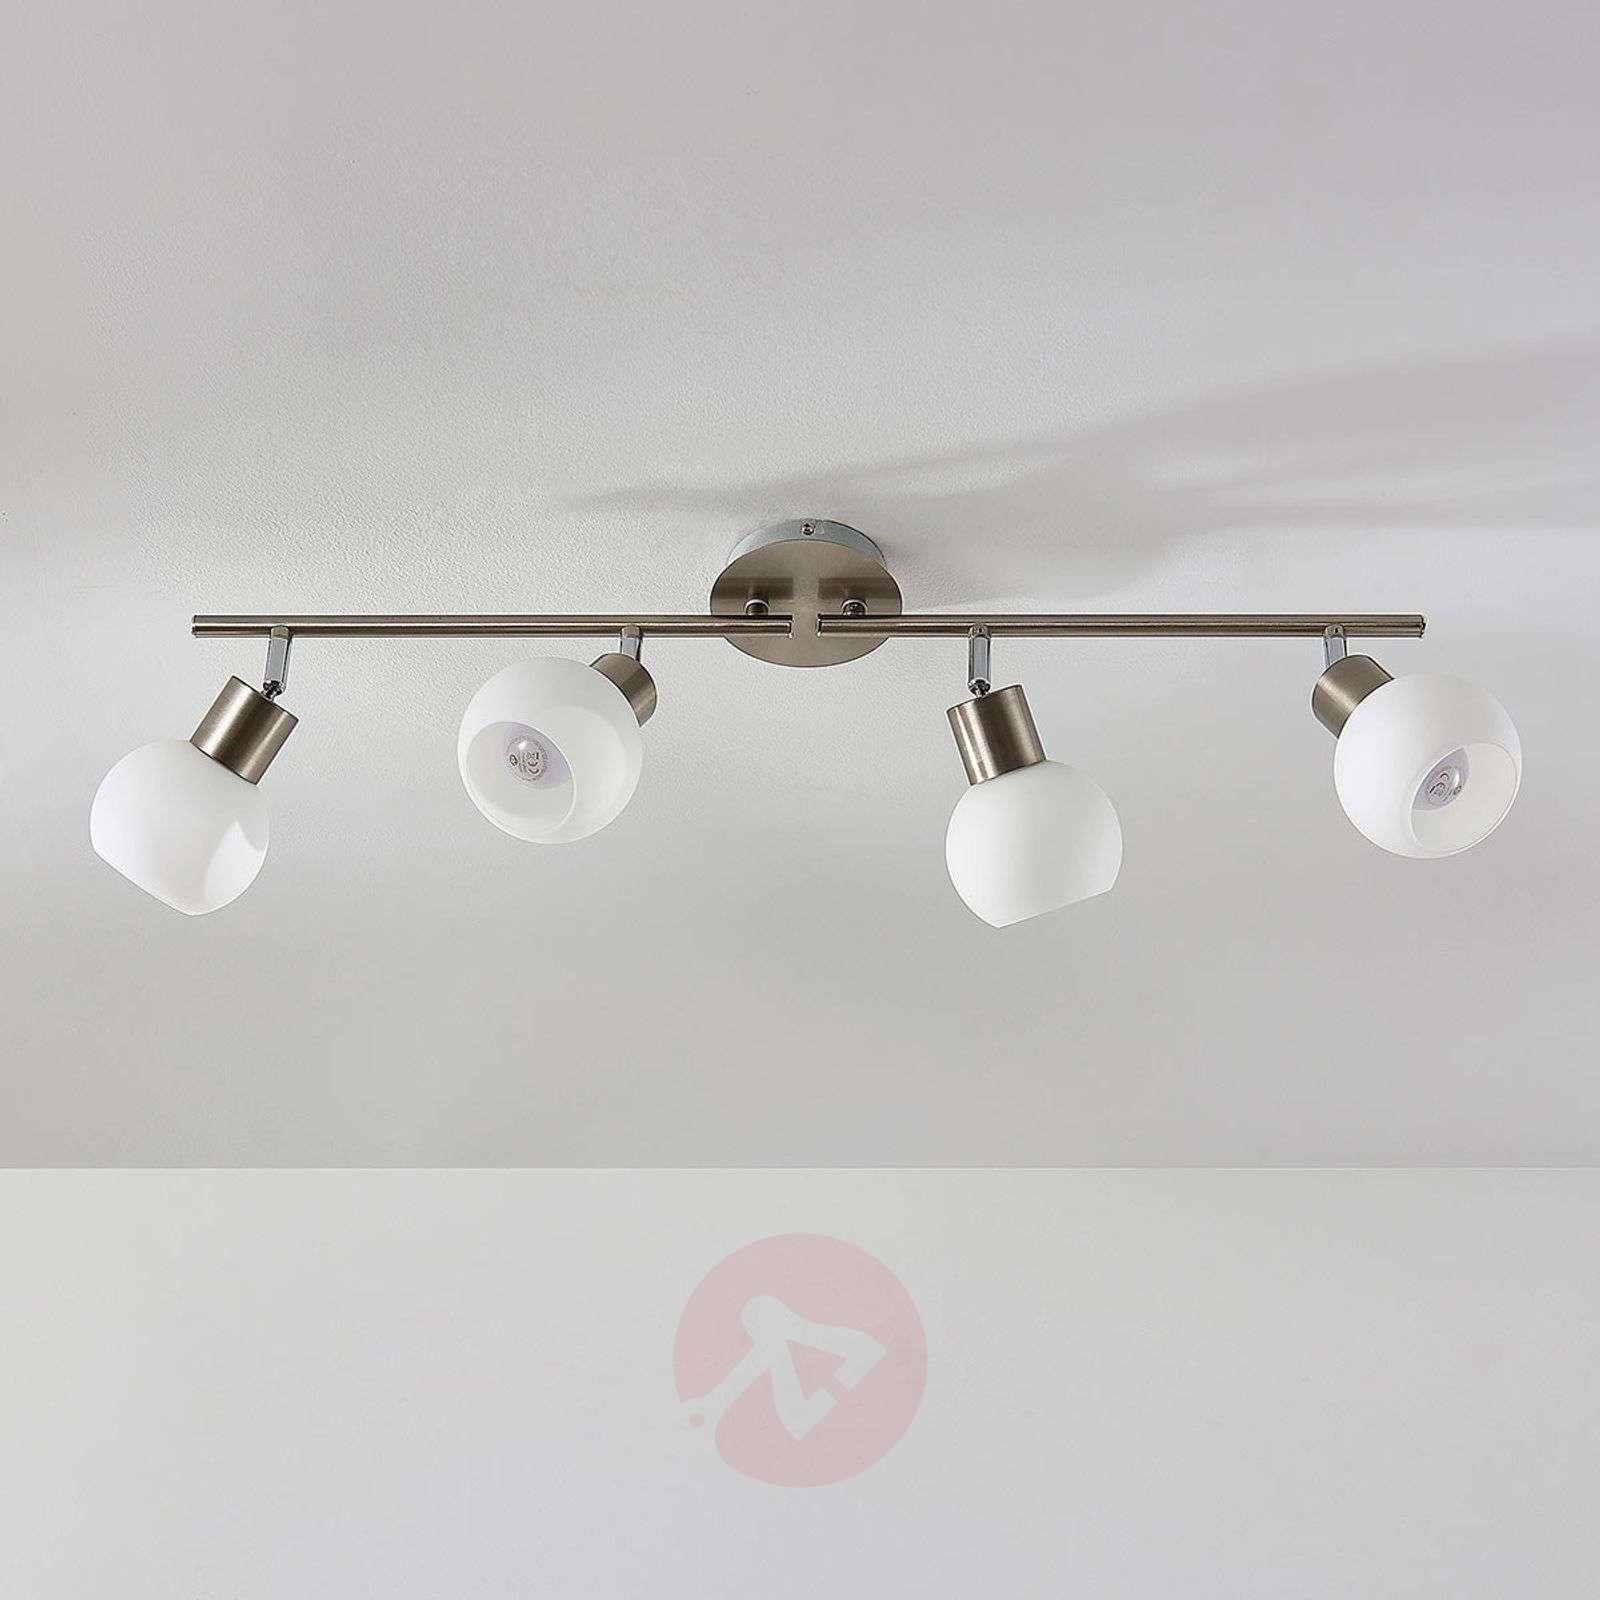 Four-bulb LED ceiling light Elaina, nickel matte-9620023-01